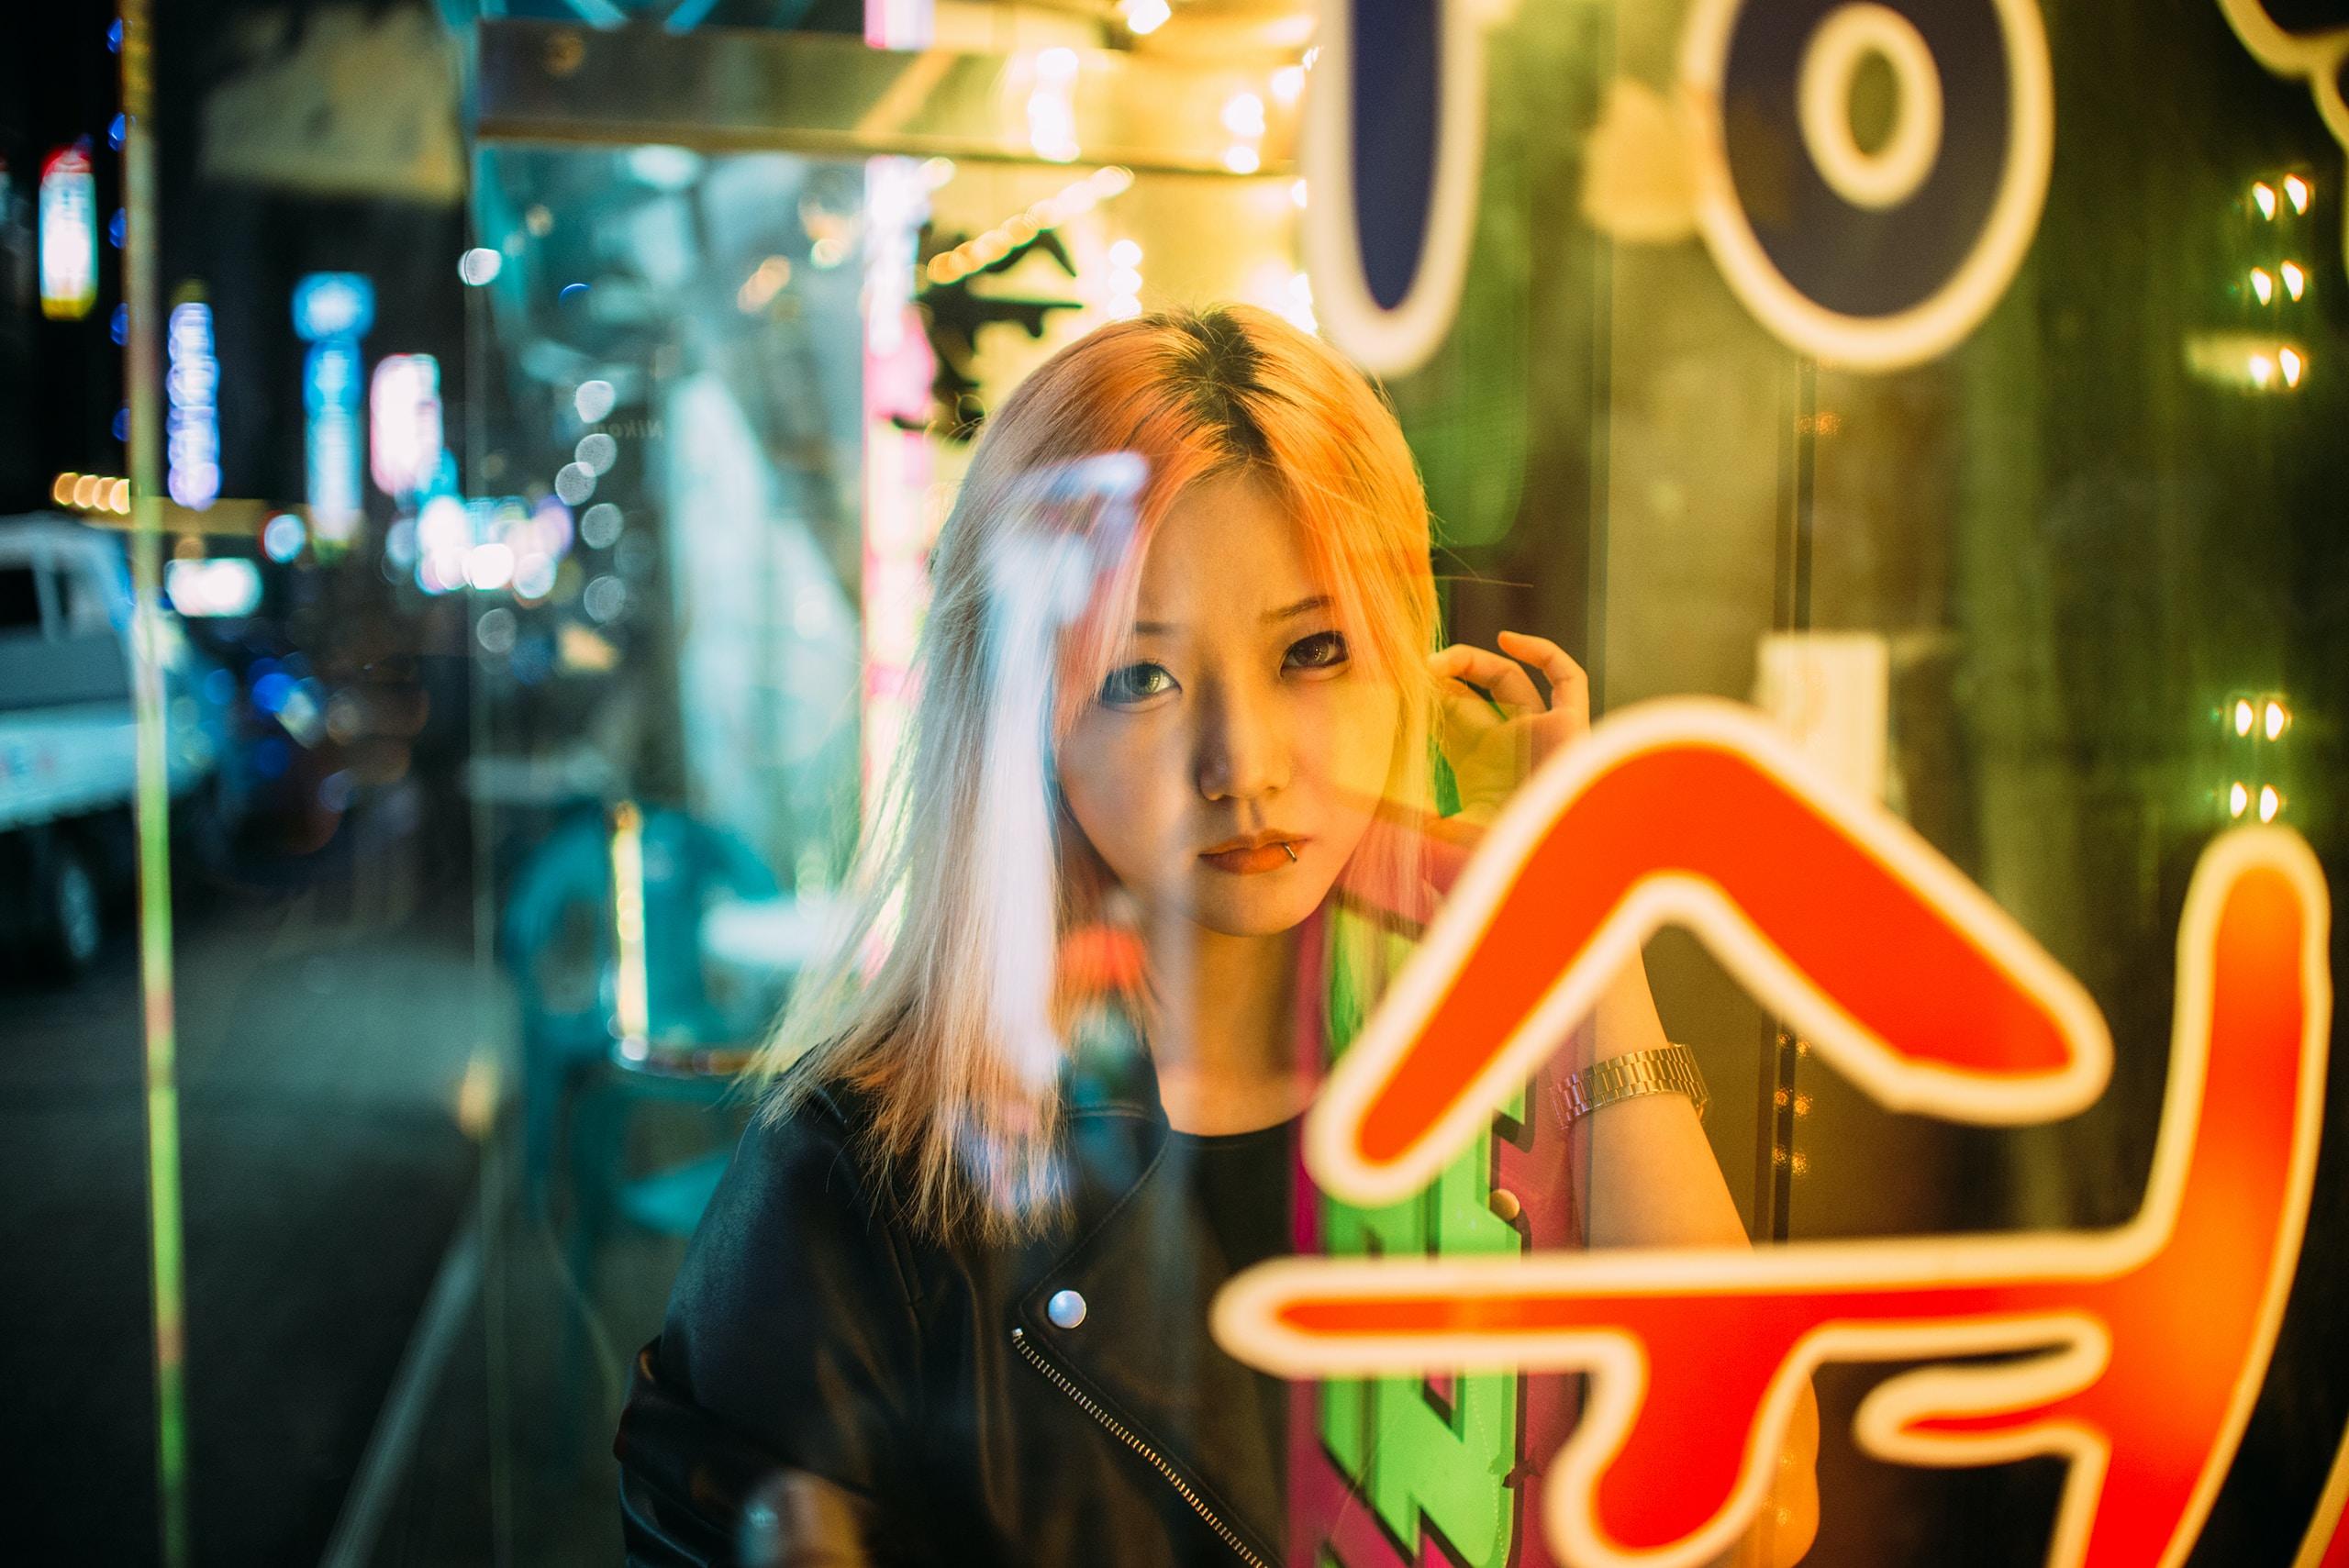 woman outside glass window